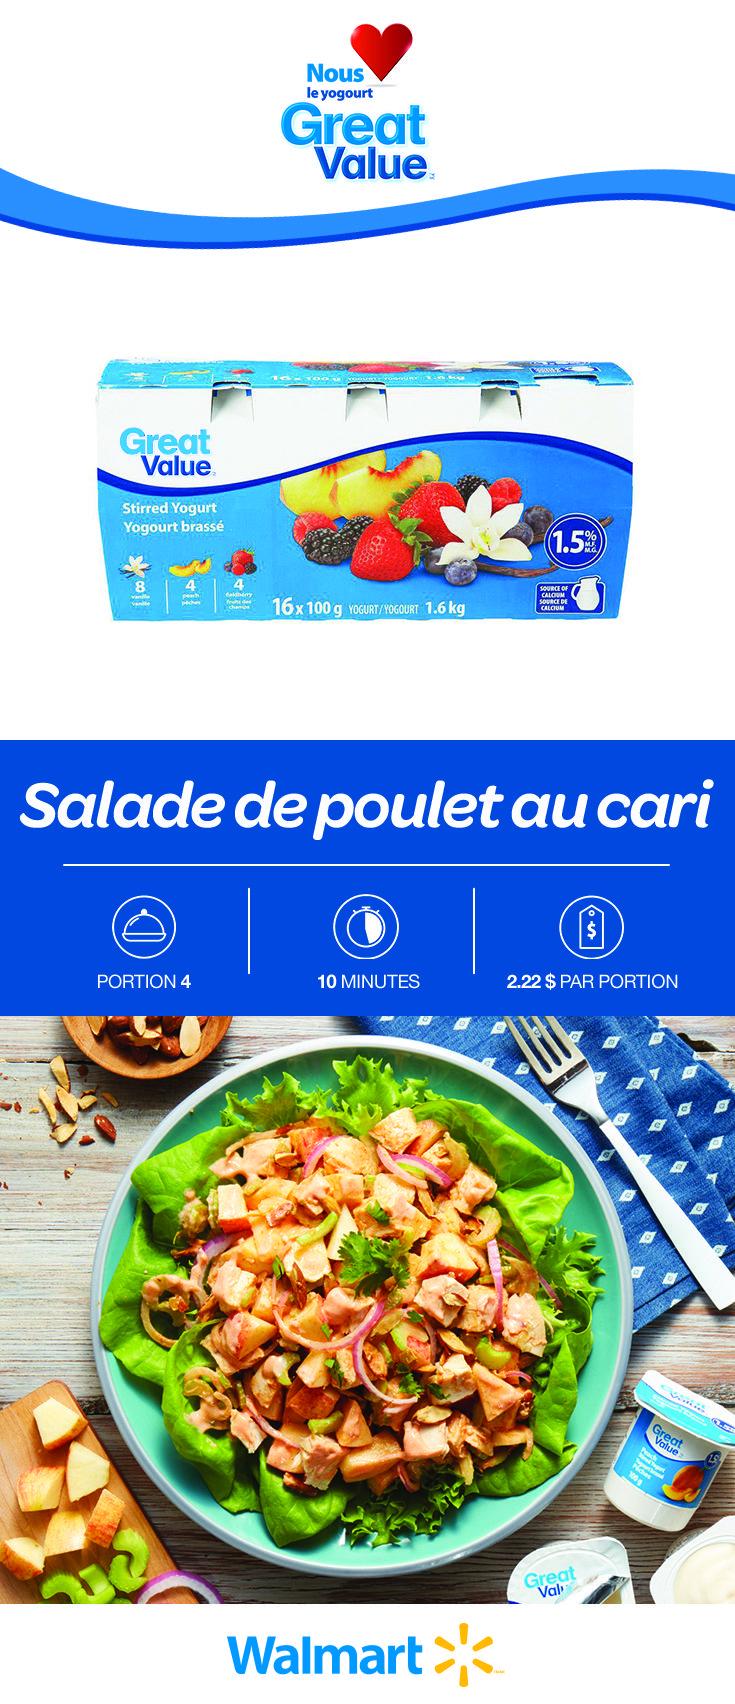 Une salade de poulet rehaussée de cari parfumé et de vinaigrette crémeuse à base de yogourt (Great Value!). Idéale comme repas simple au milieu de la semaine. Seulement $2,22 par portion. Trouvez cette recette abordable en cliquant sur le lien! #saladedepouletaucari #saladedepoulet #recettesdesaladedepoulet #recettesdesoupers #recettesdesouperssimples #cari #recettesdesalades